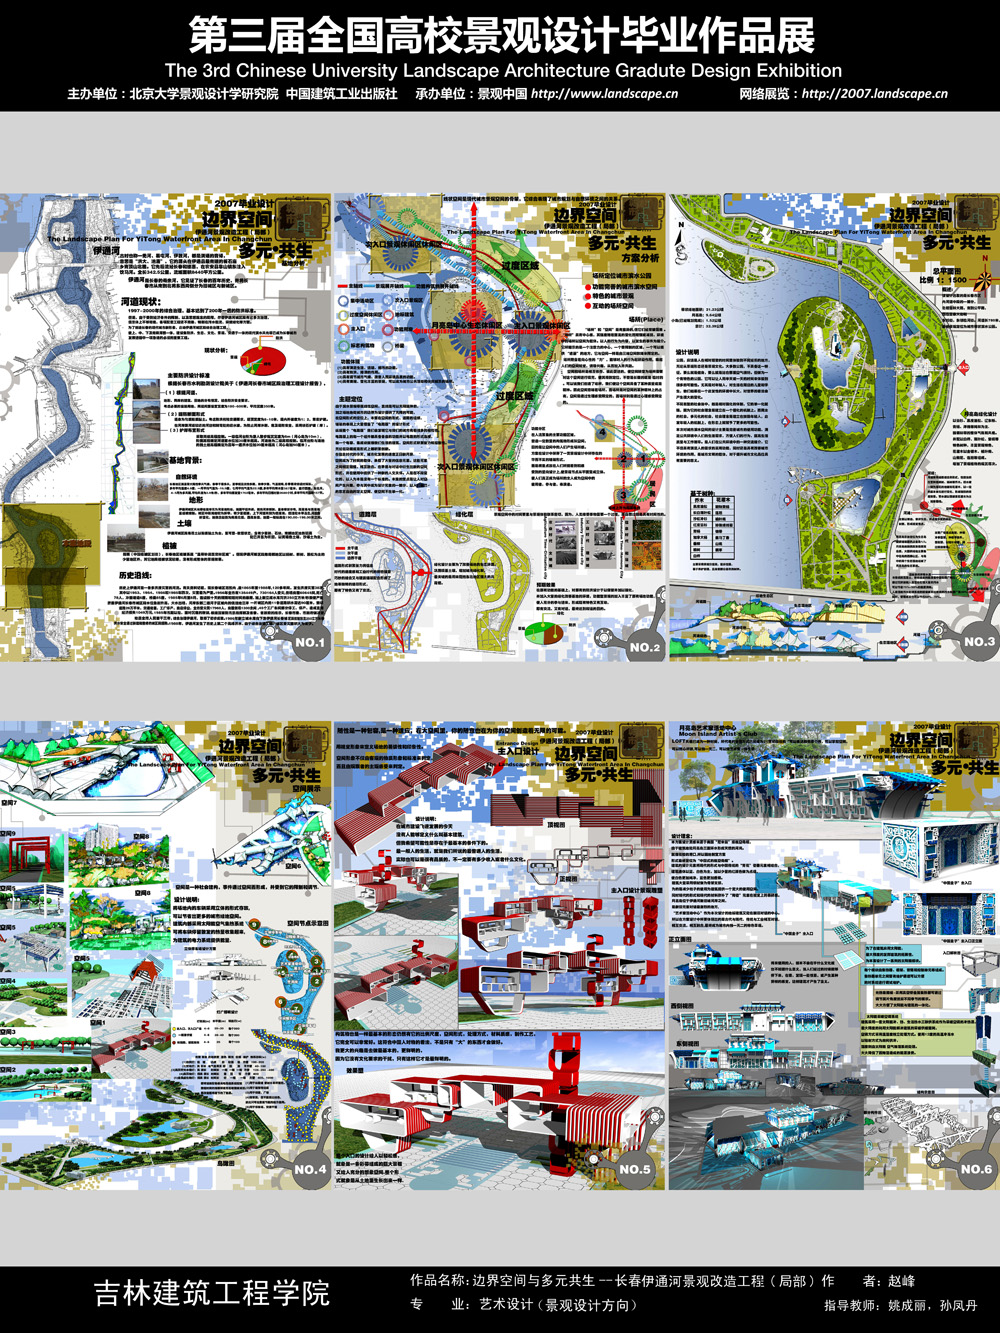 2006全国大学生建筑设计竞赛获奖作品集 全国大学生城市规划设计竞赛